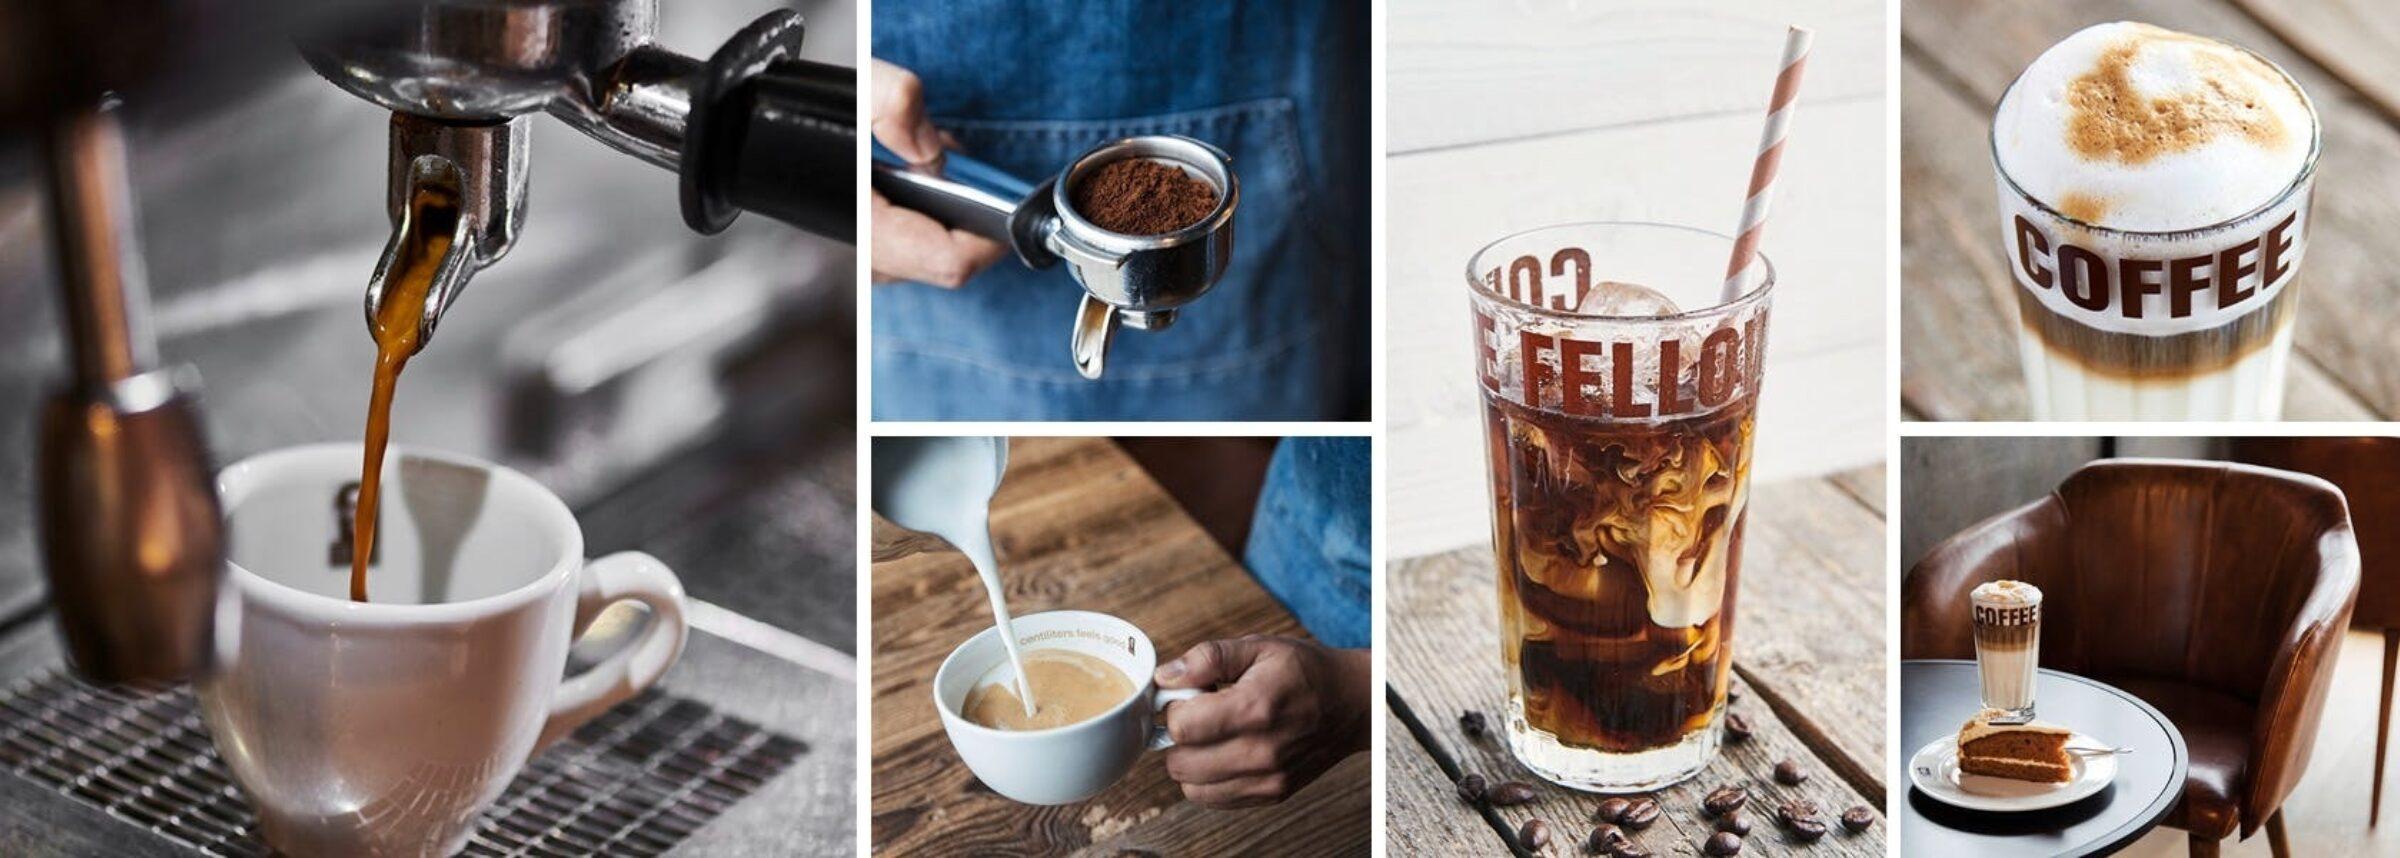 Coffee Fellows Enschede